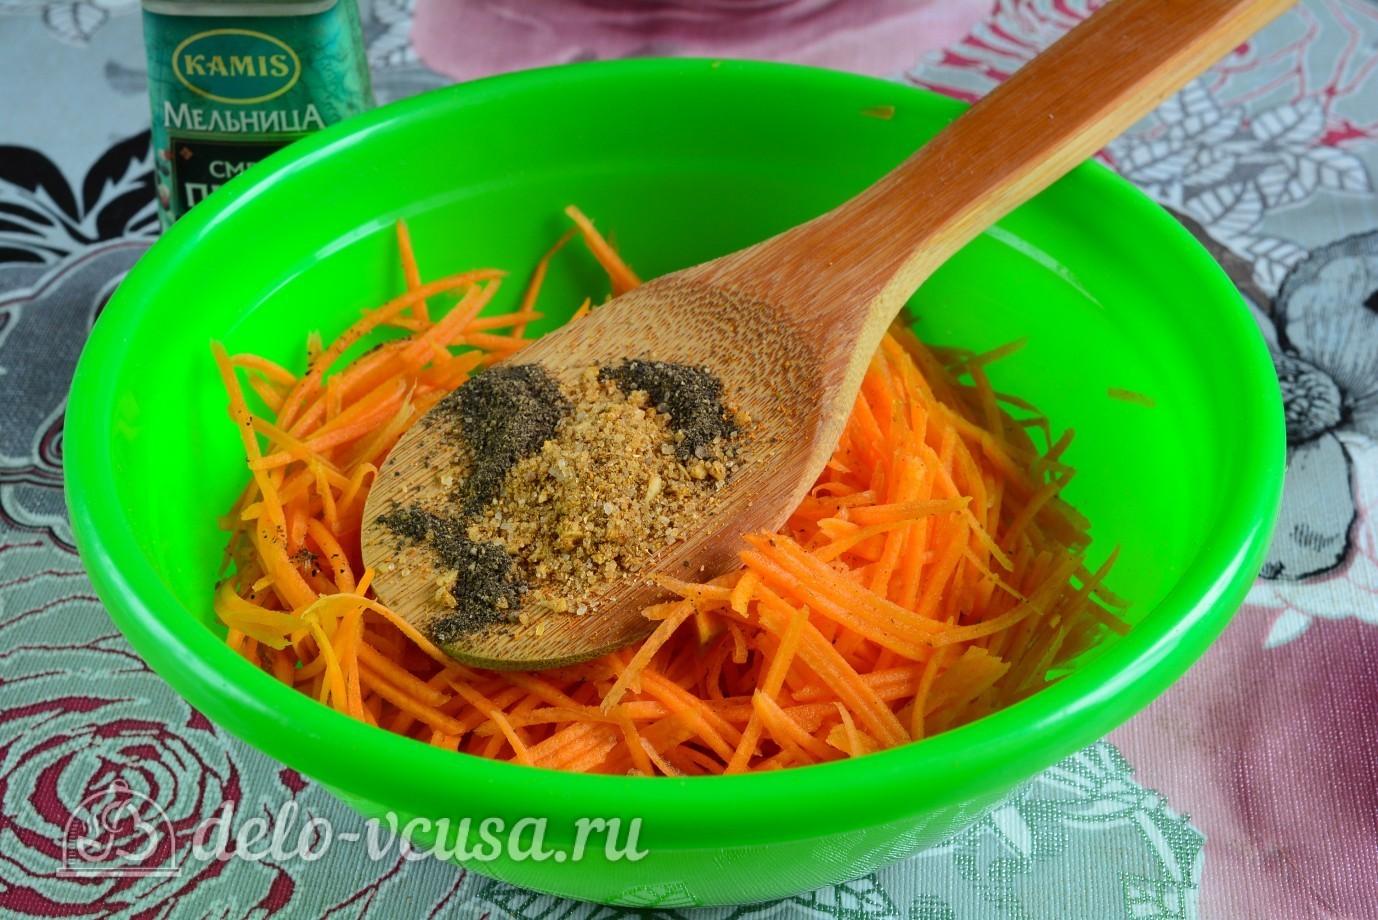 Морковь по-корейски в домашних условиях без использования готовой приправы